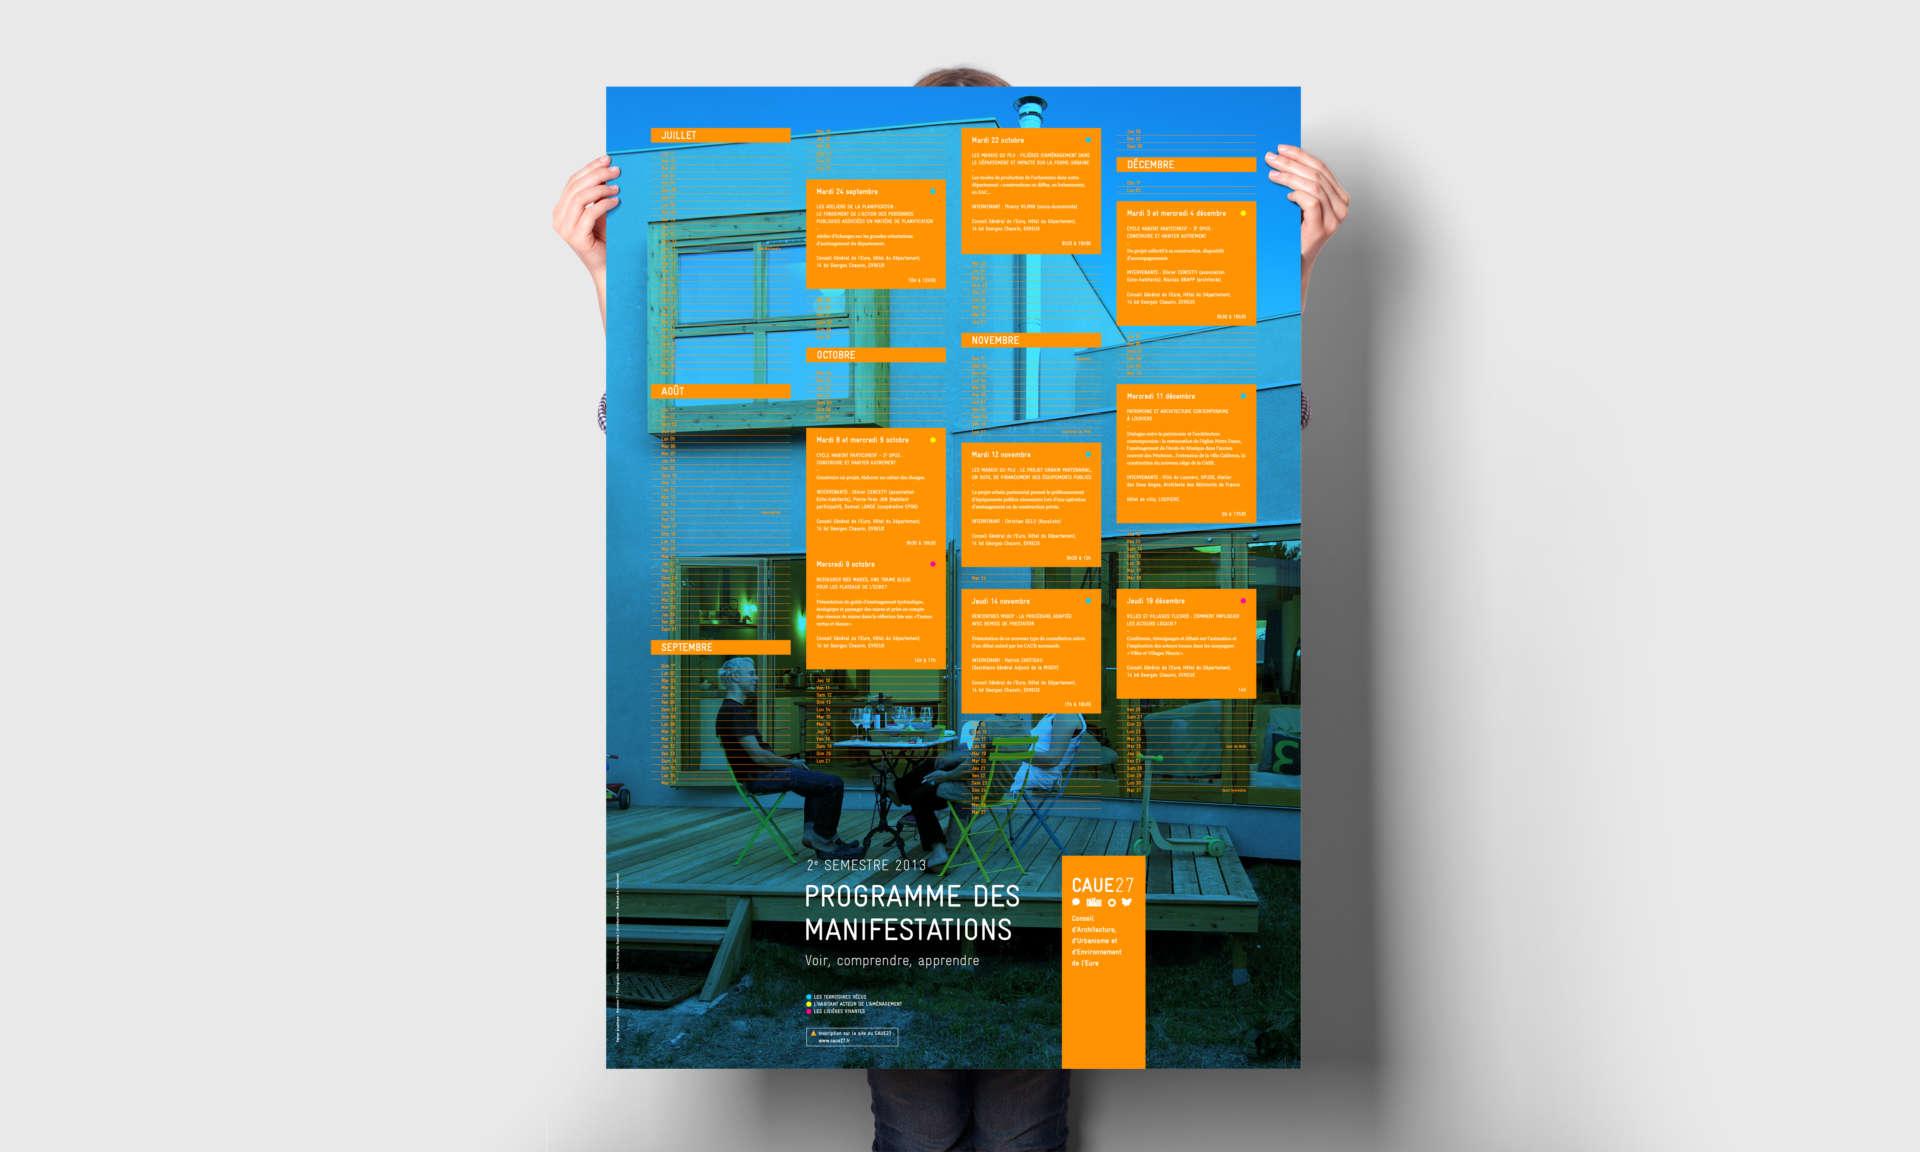 CAUE27-Affiche-programme-mockup-02